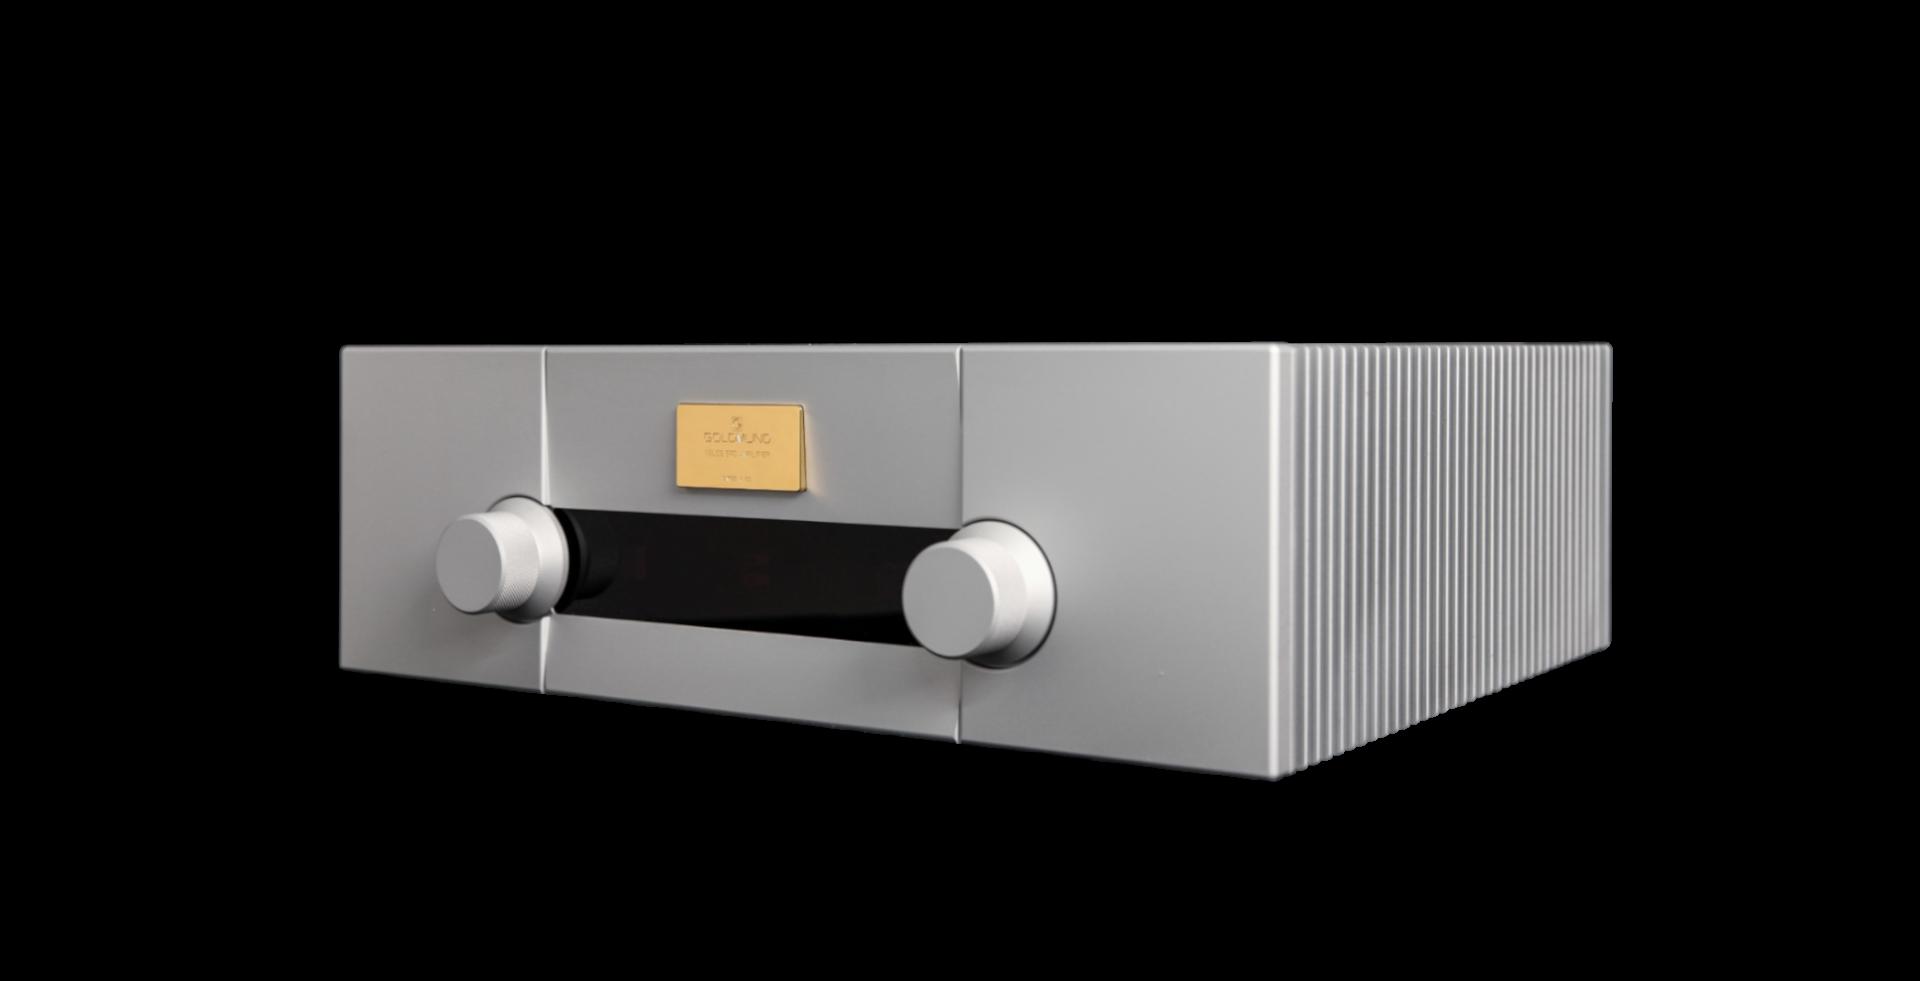 Telos 590 nextgen integrated amplifier for passive loudspeakers